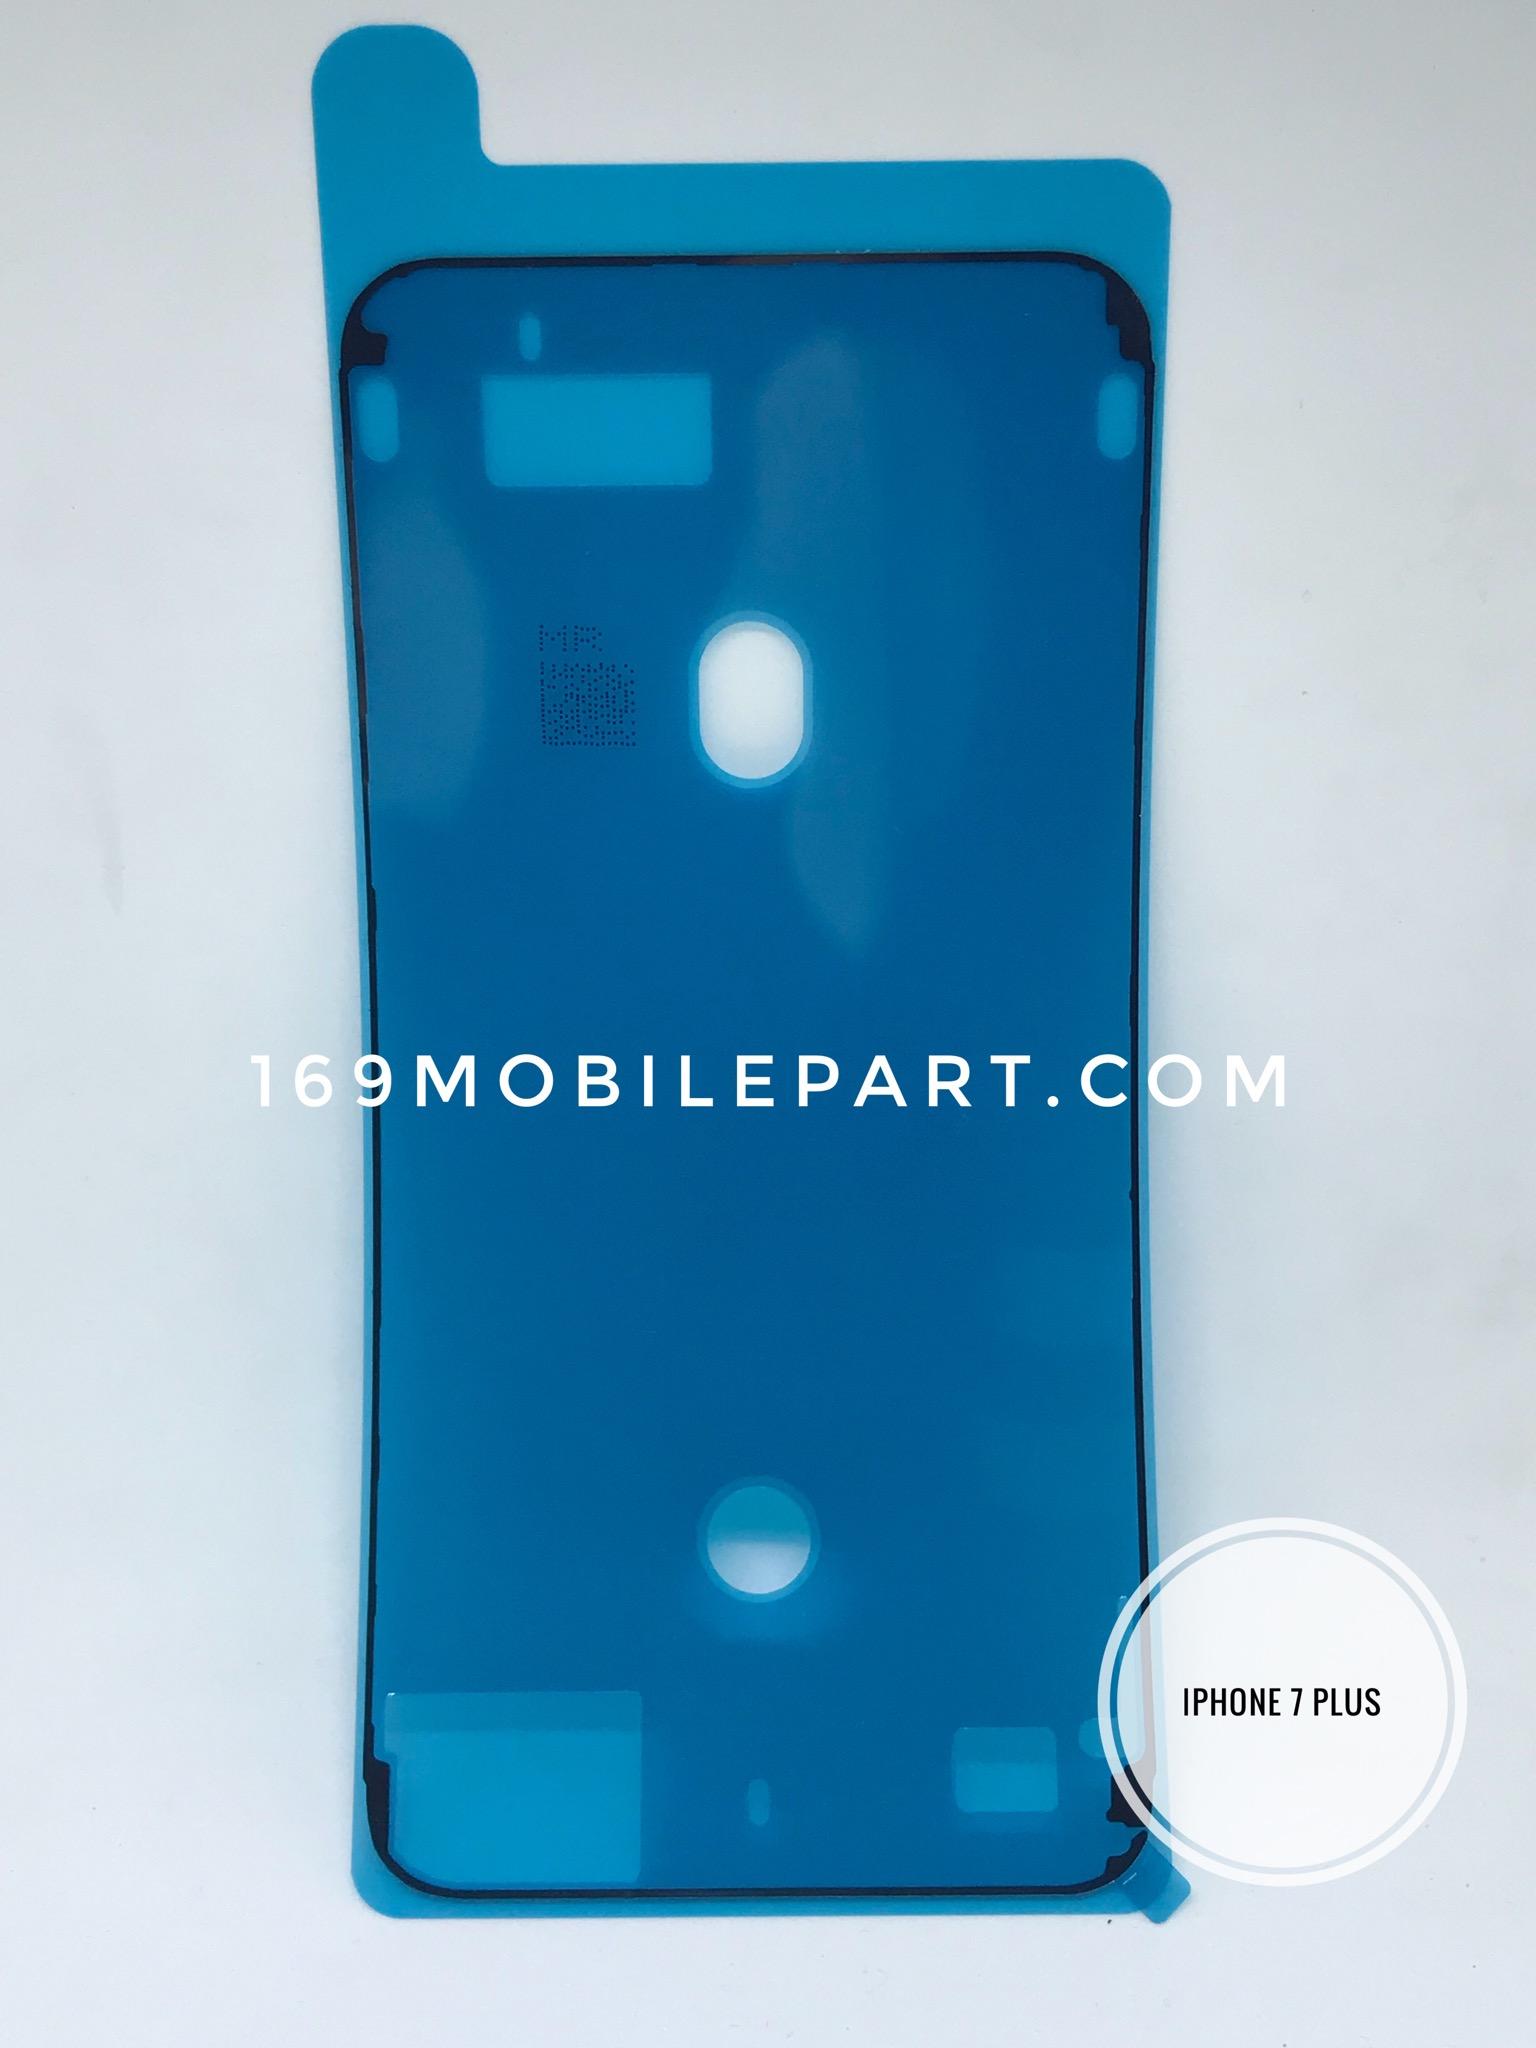 ซีลกาวกันน้ำ iPhone 7 PLUS ,ไอโฟน 7 พลัส